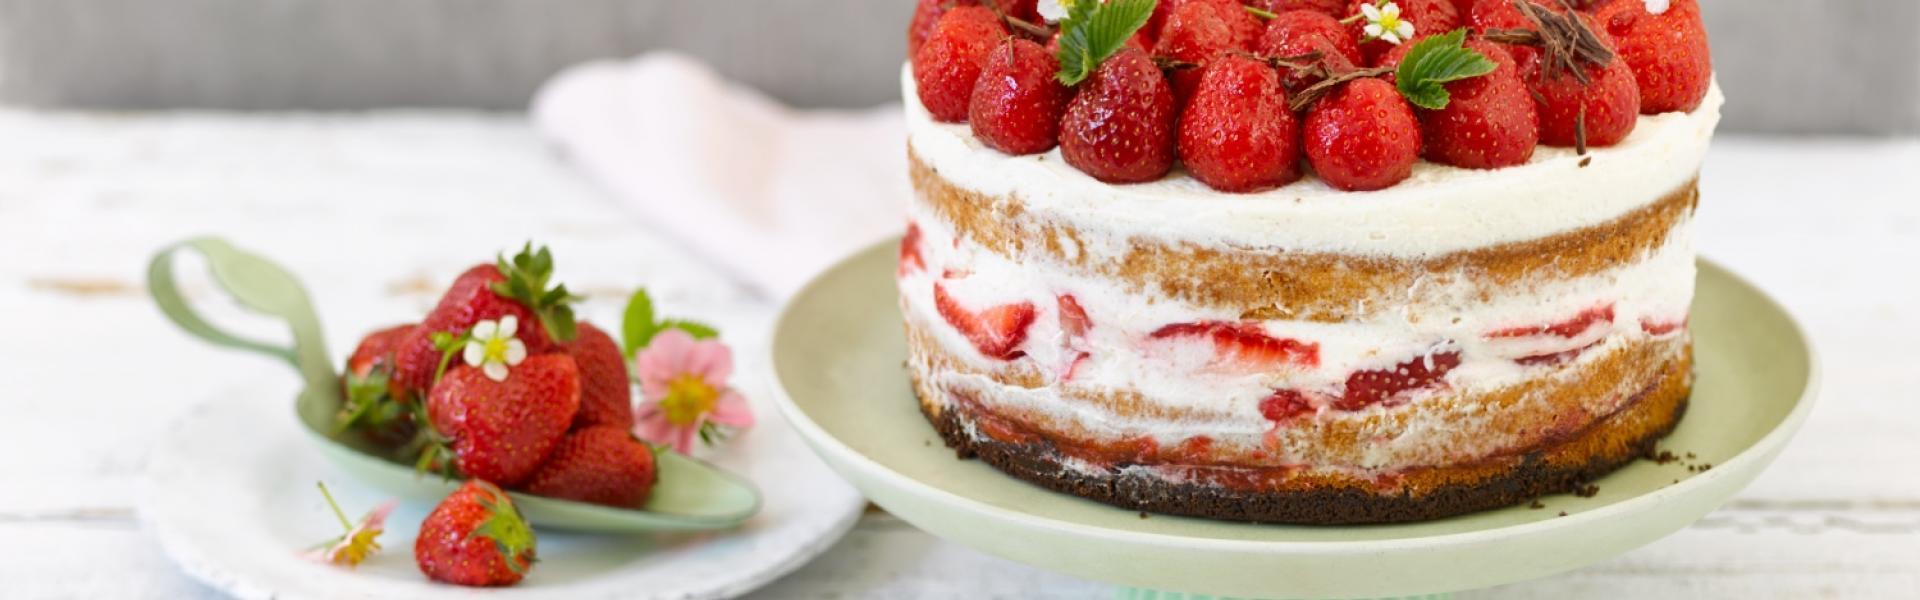 Erdbeer-Sahne-Torte auf einer Etagere angerichtet.